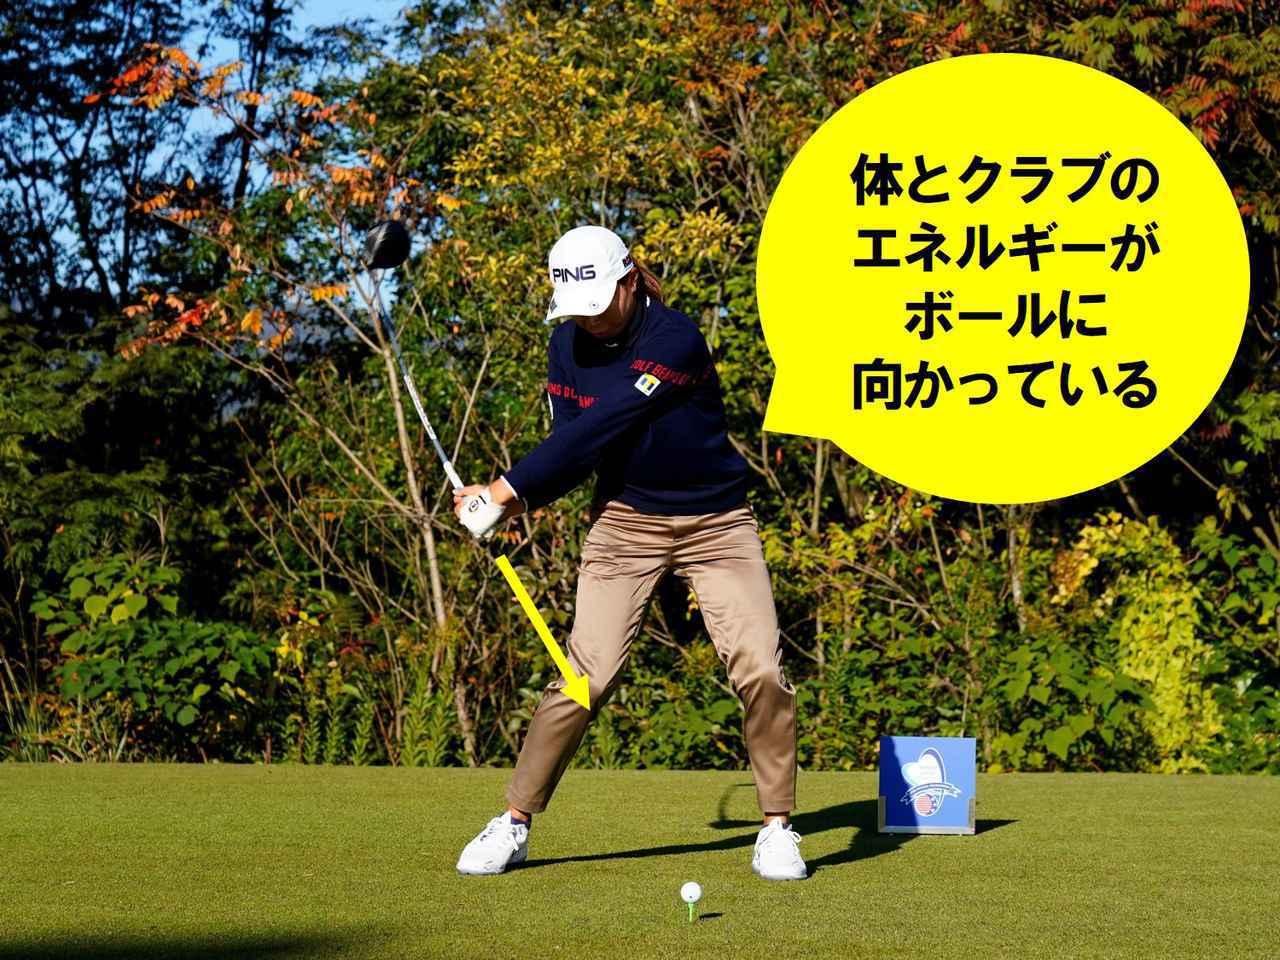 画像3: 【渋野日向子】小さな動きで最大パワーと最速スピード。これぞ令和のアスレチックスウィング!